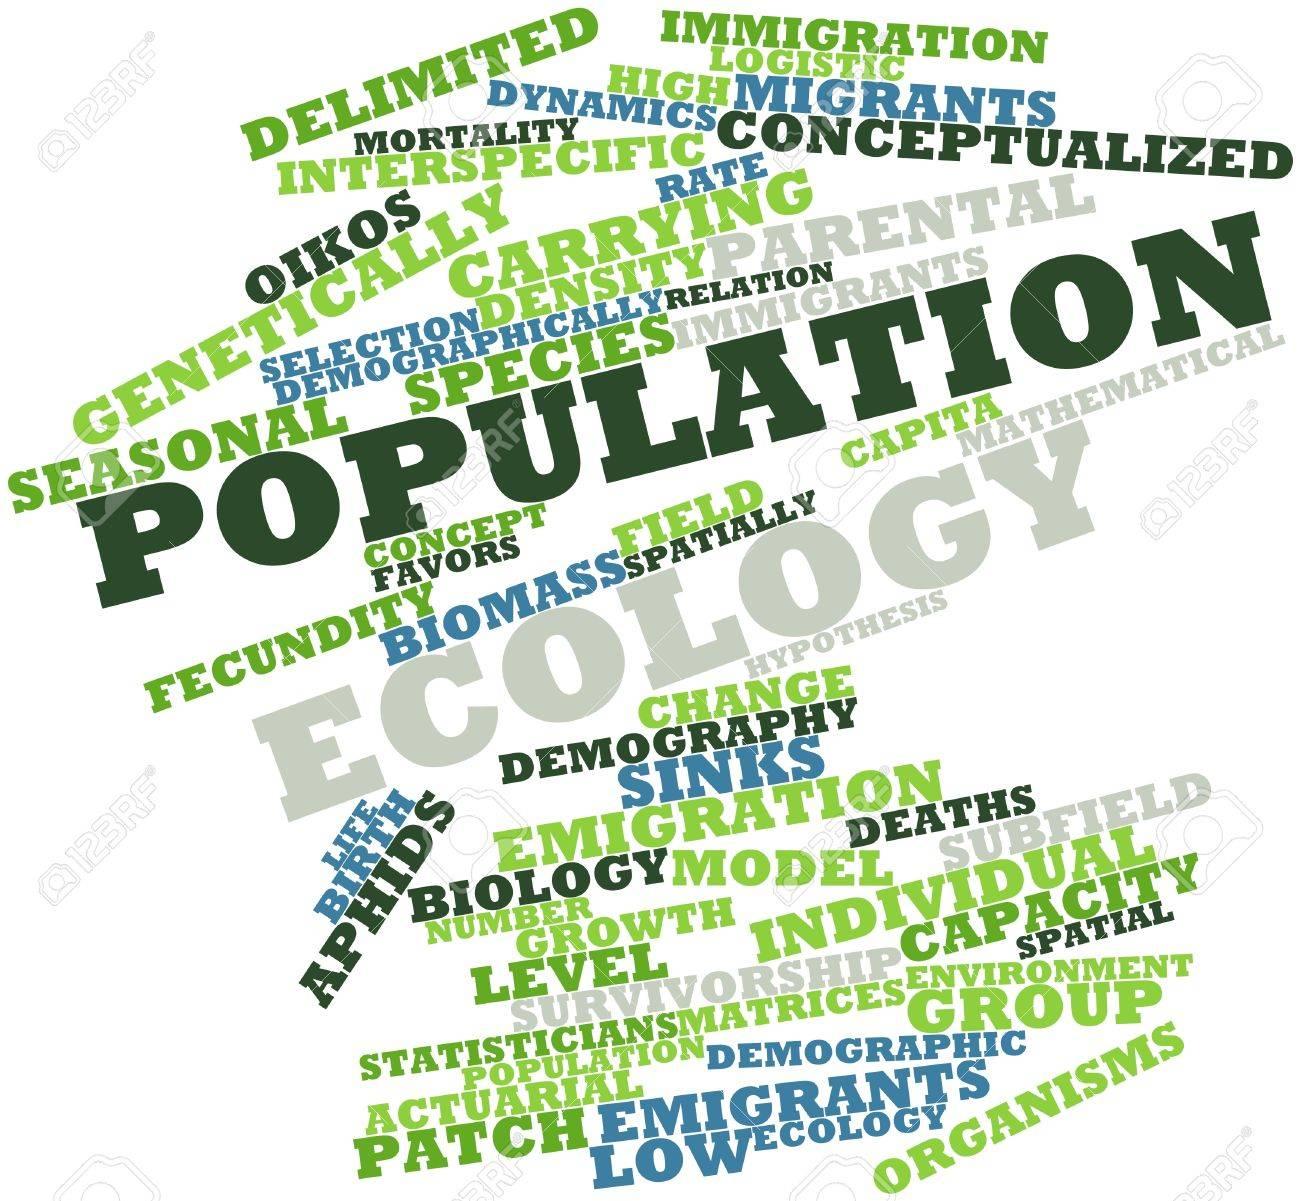 Population Ecology - YouTube